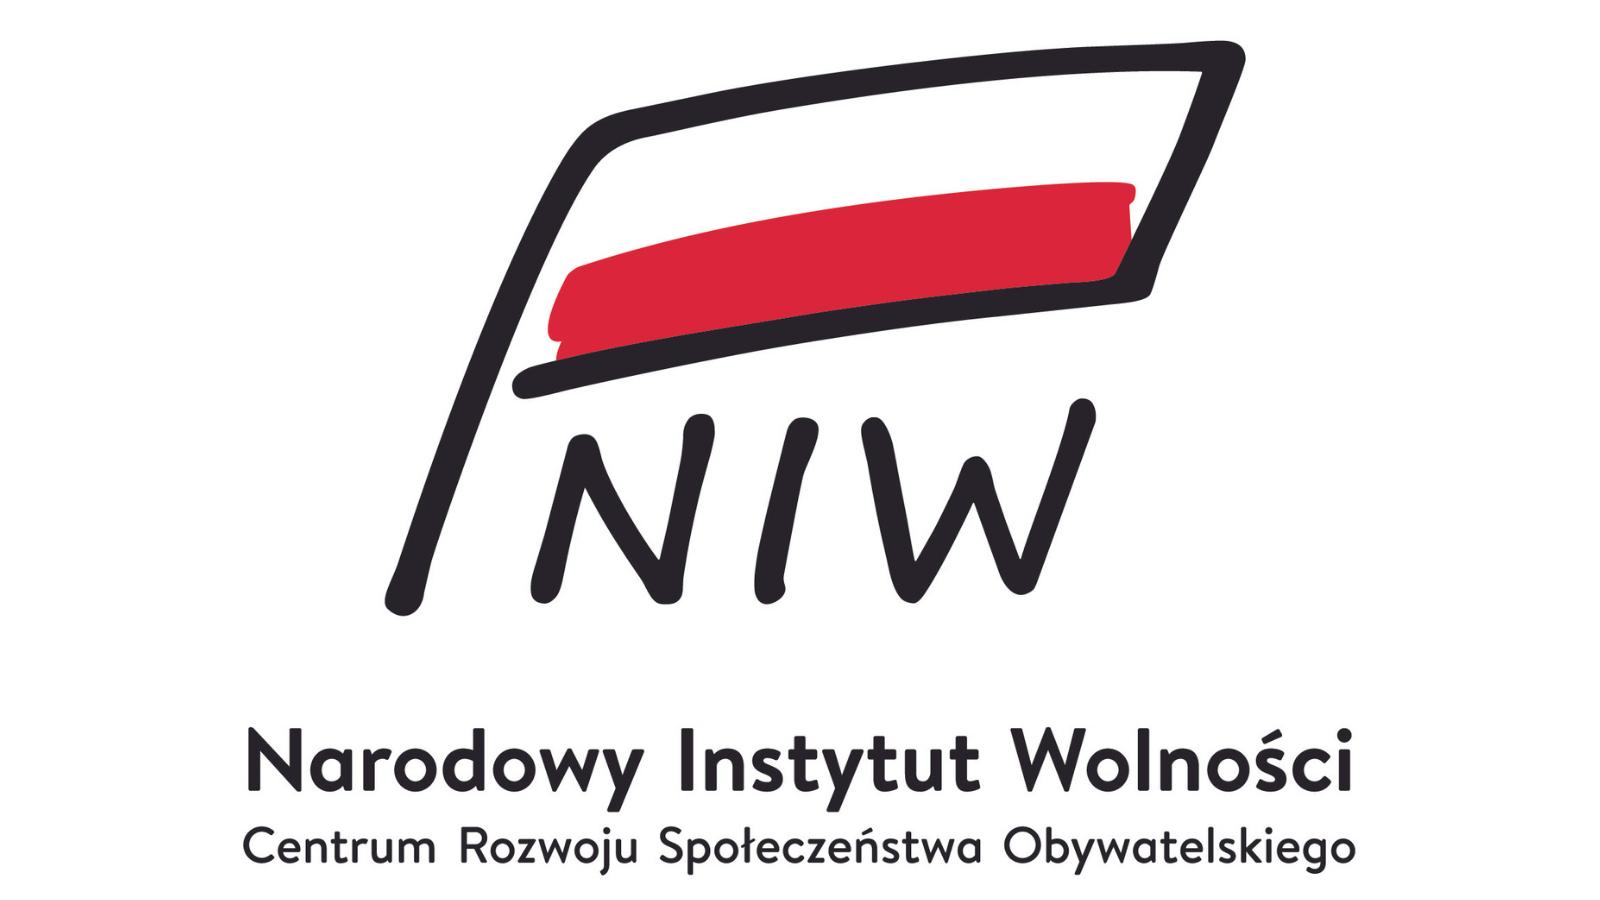 """Oświadczenie NIW-CRSO w związku z artykułem """"Młoda gwardia z wielką kasą. PiS kusi nacjonalistów"""""""